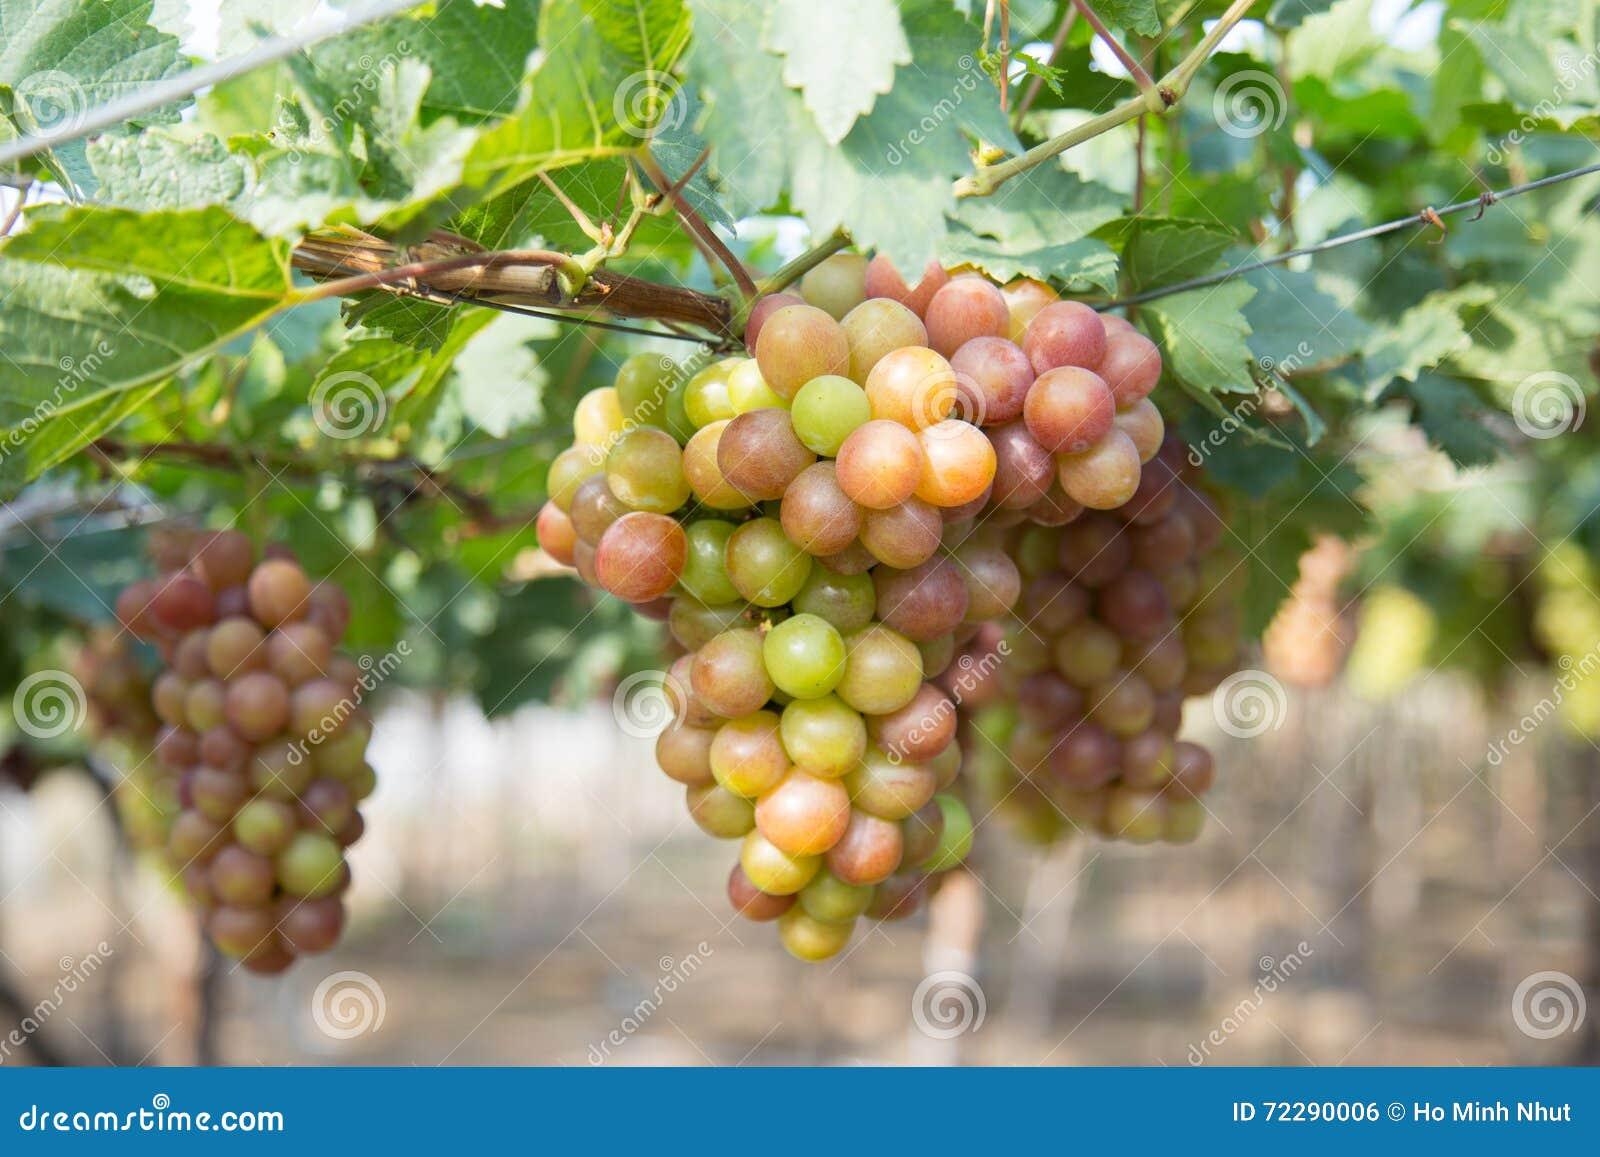 Download Красная виноградина на Вьетнаме Стоковое Фото - изображение насчитывающей outdoors, еда: 72290006